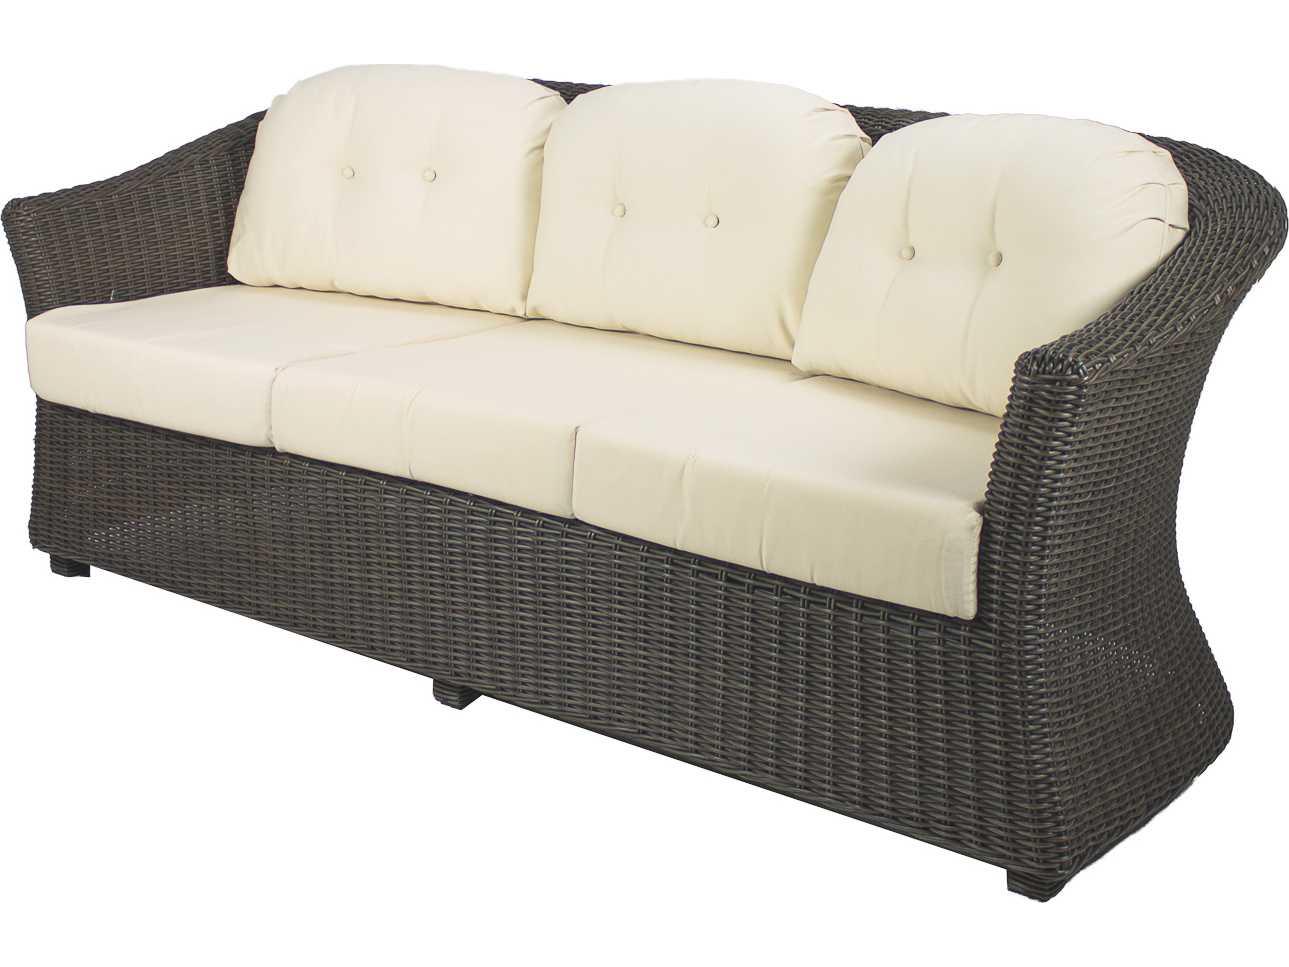 Source outdoor furniture wellington wicker lounge set for Outdoor furniture wellington